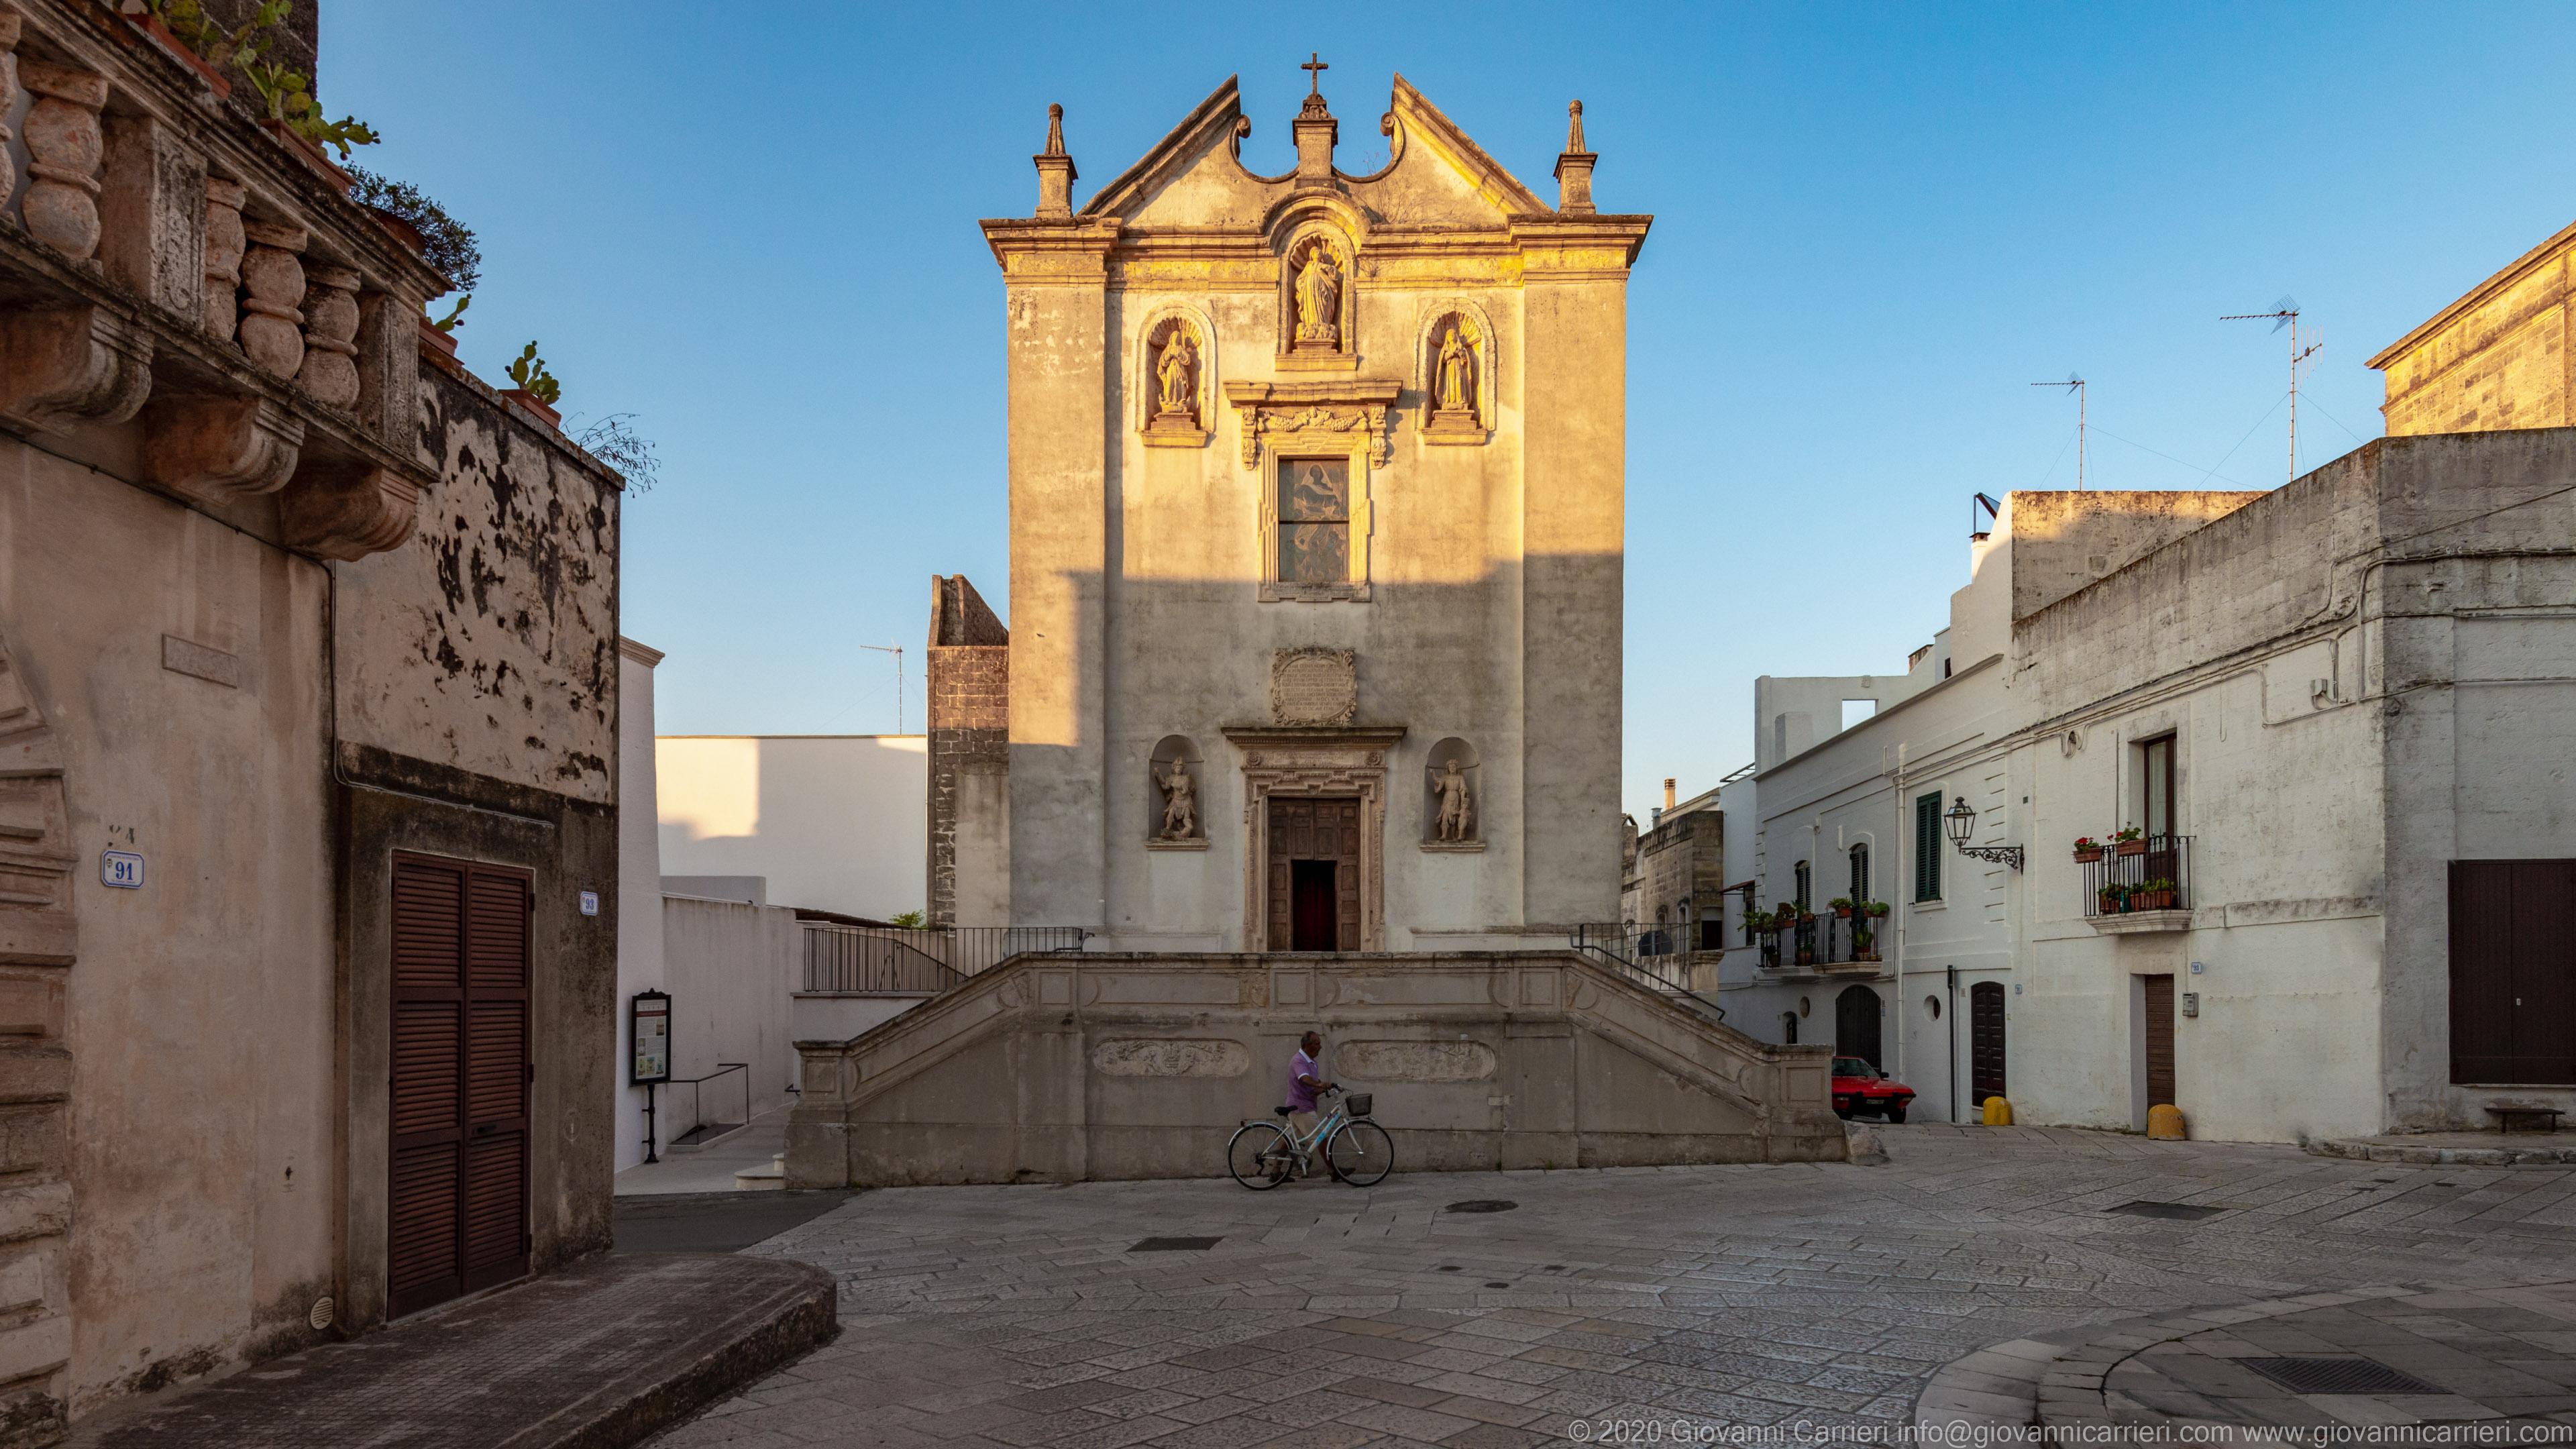 Chiesa Madonna dell'Assunta Nel centro storico di Specchia, è ubicata la Chiesa Madonna dell'Assunta, di costruzione seicentesca, è situata nei pressi dell'antica Porta del Foggiaro o Porta Lecce.